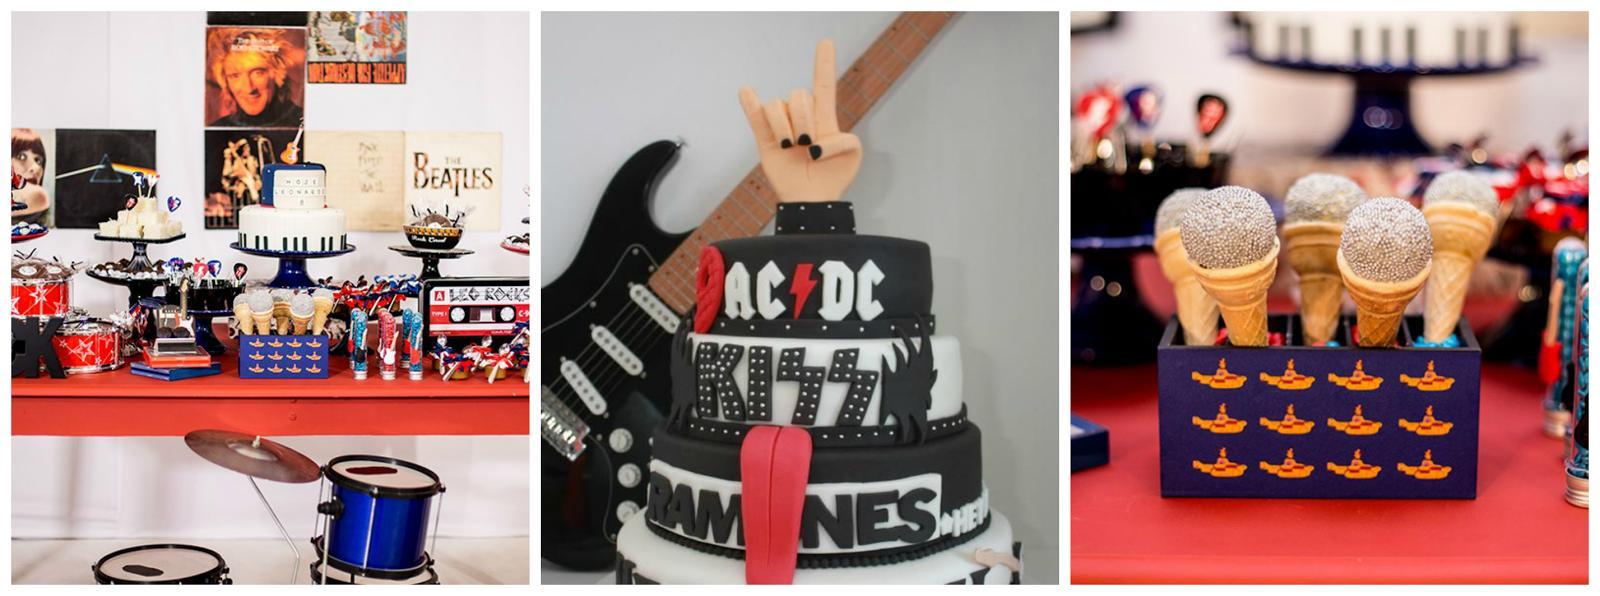 Festa de aniversário adulto com tema de Banda